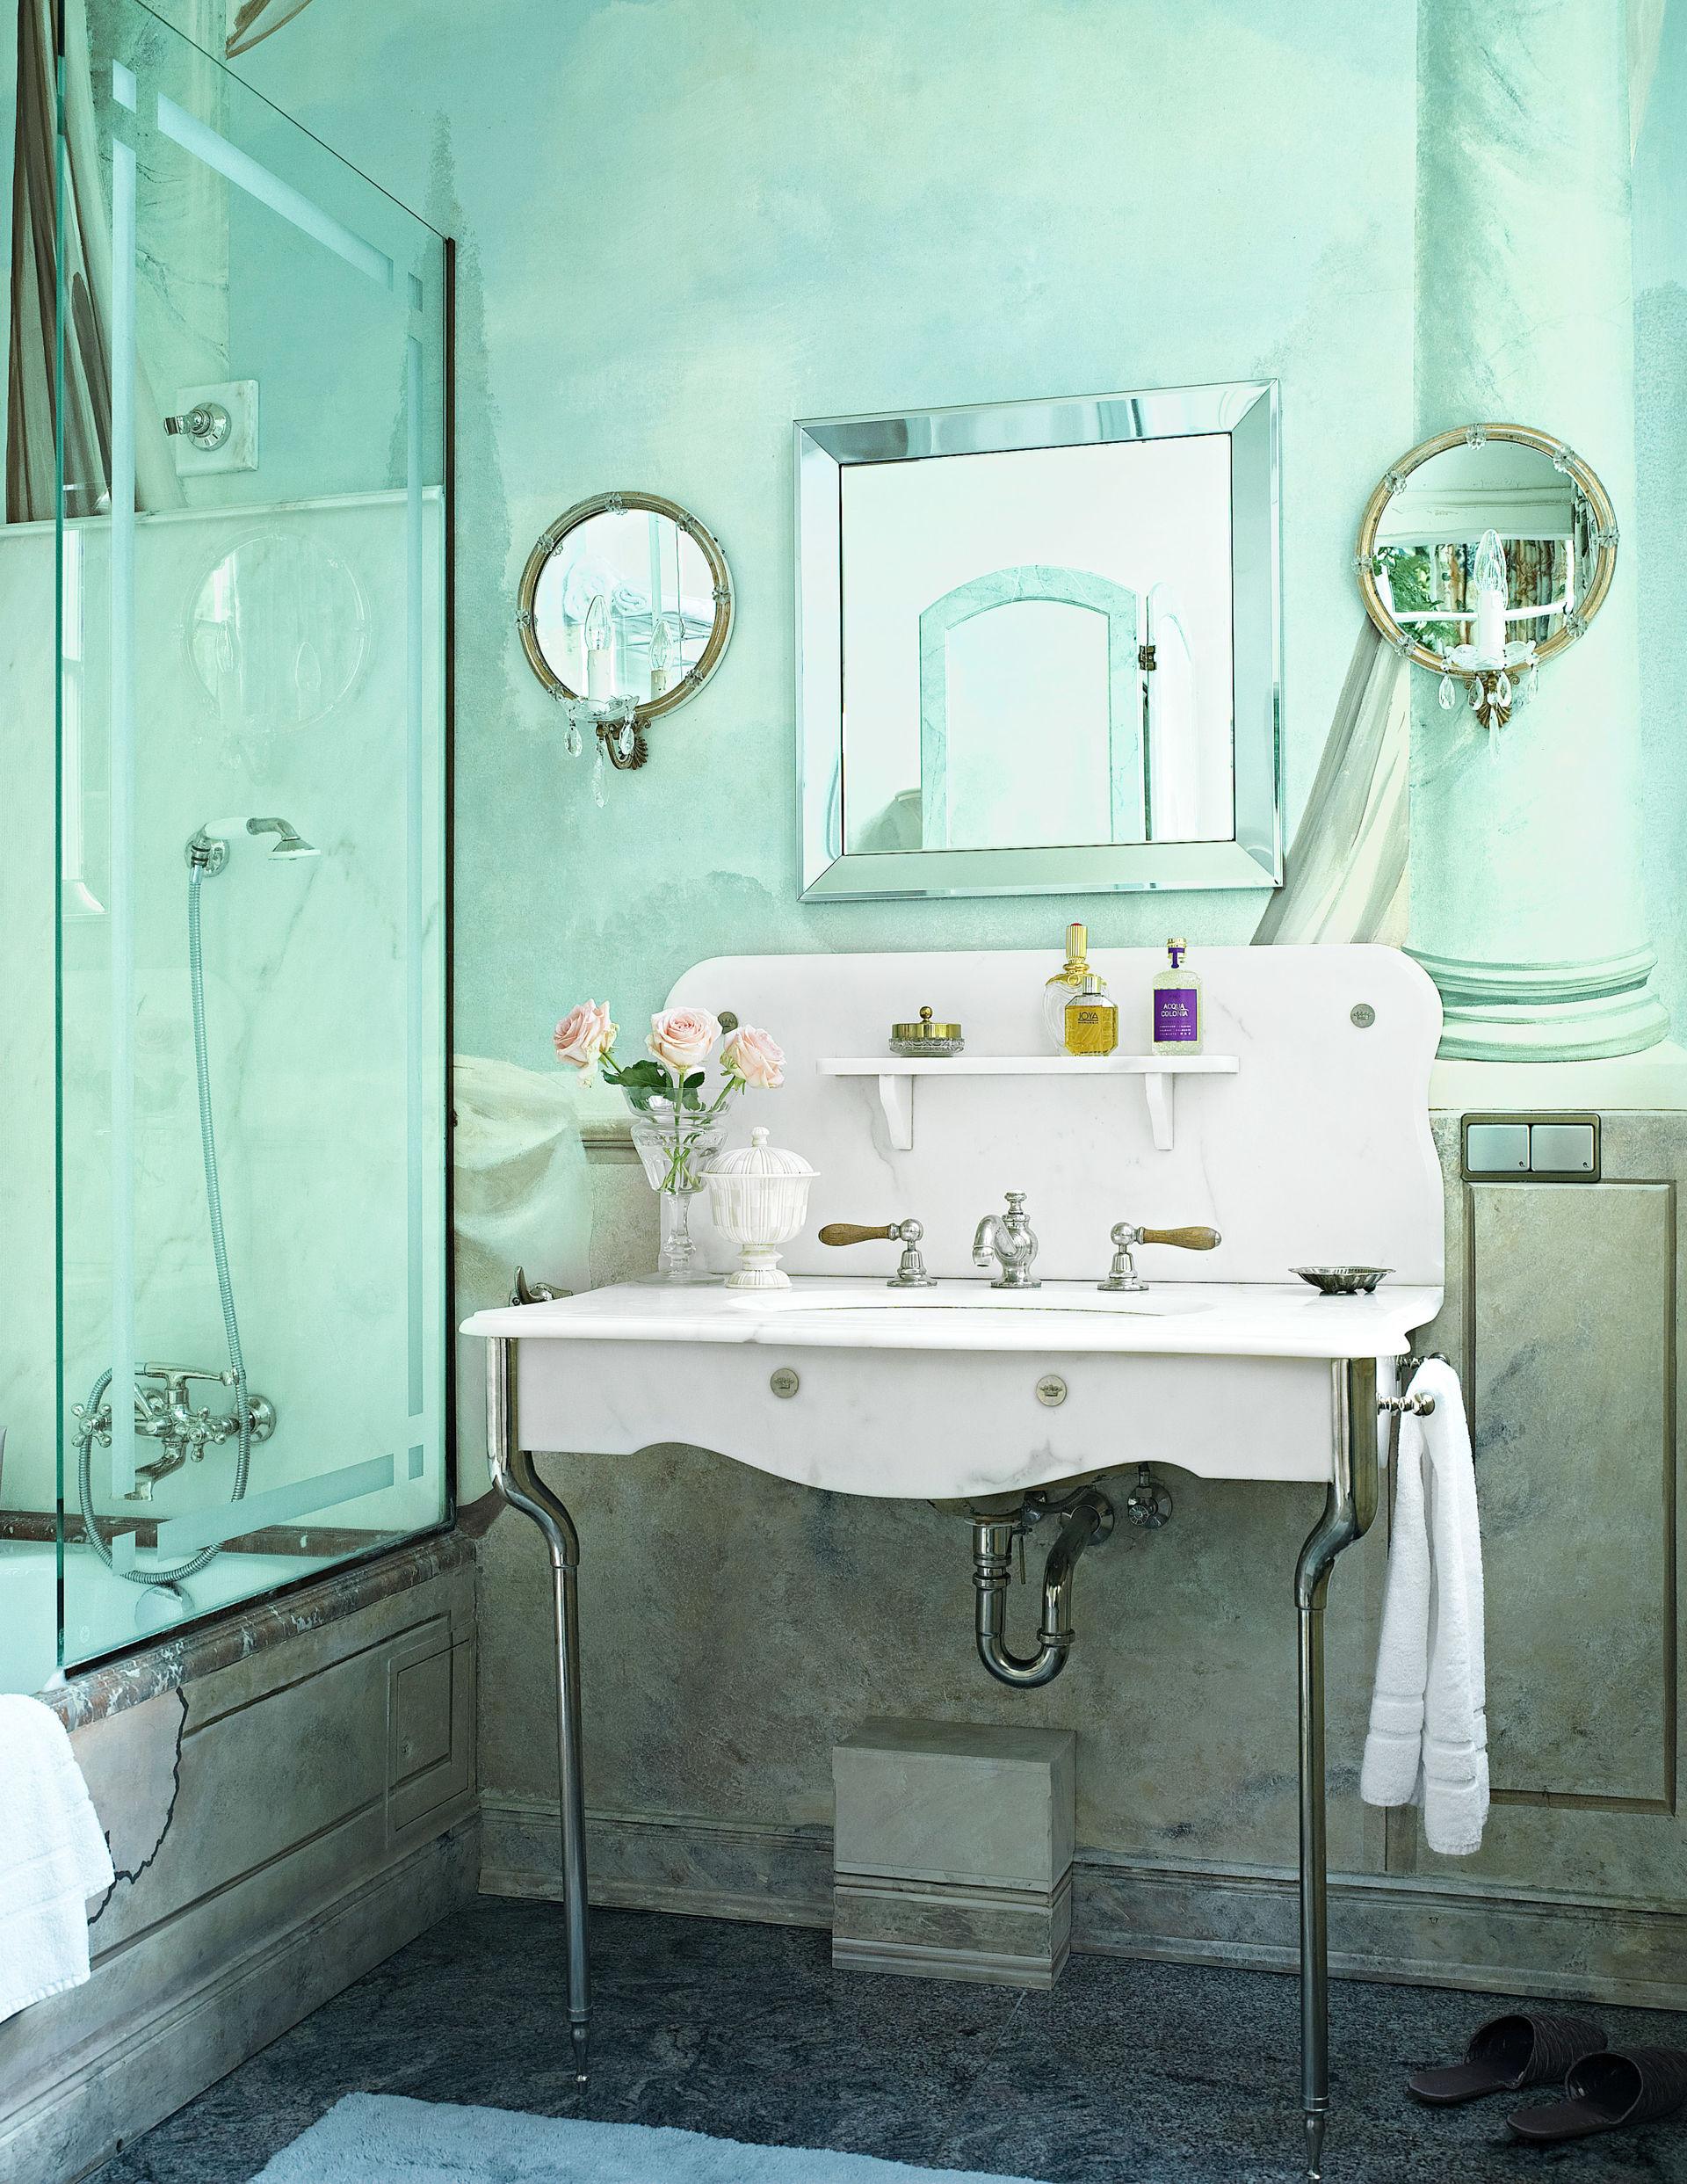 stimmungsvolles licht im bad zuhause wohnen. Black Bedroom Furniture Sets. Home Design Ideas